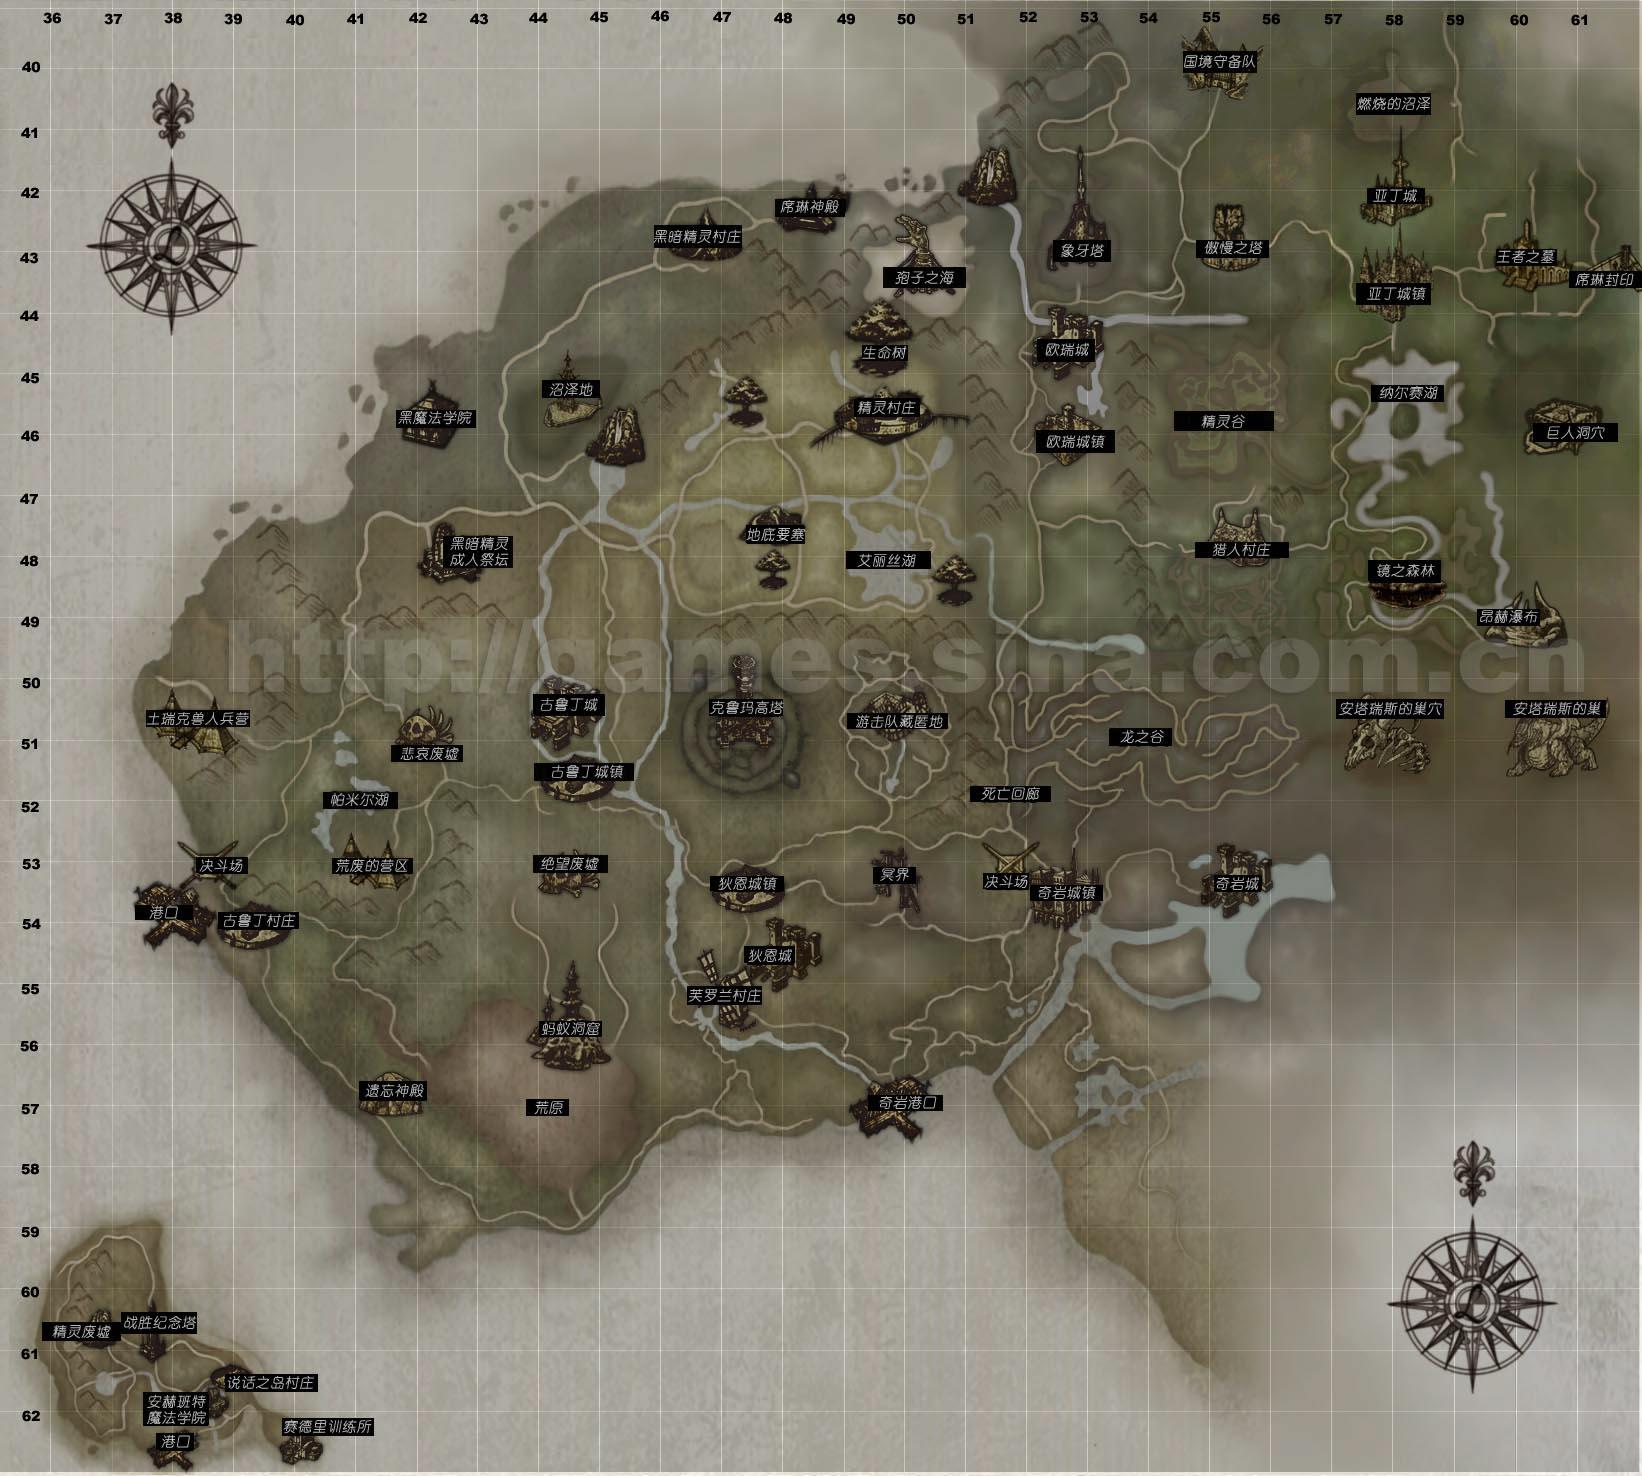 天堂2地图